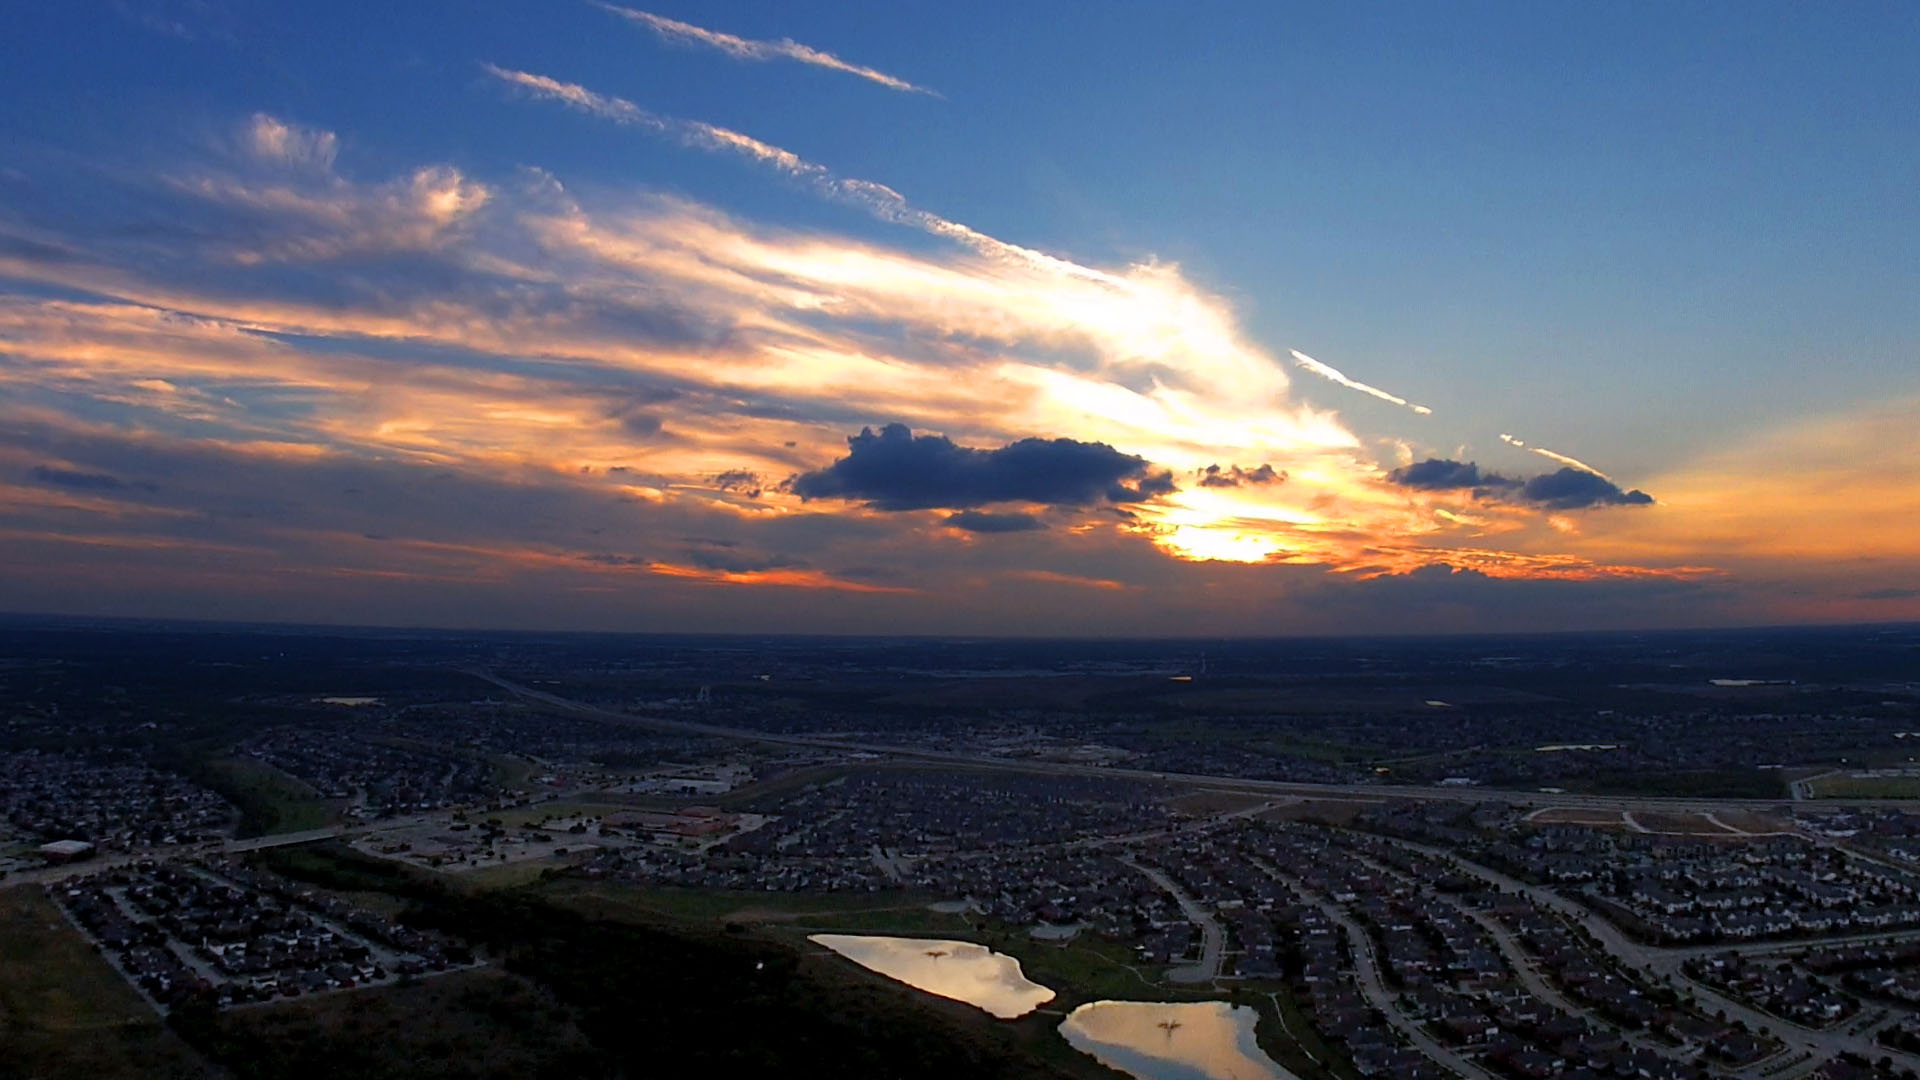 DJI Phantom 2 - GoPro 4 Sunset Photo